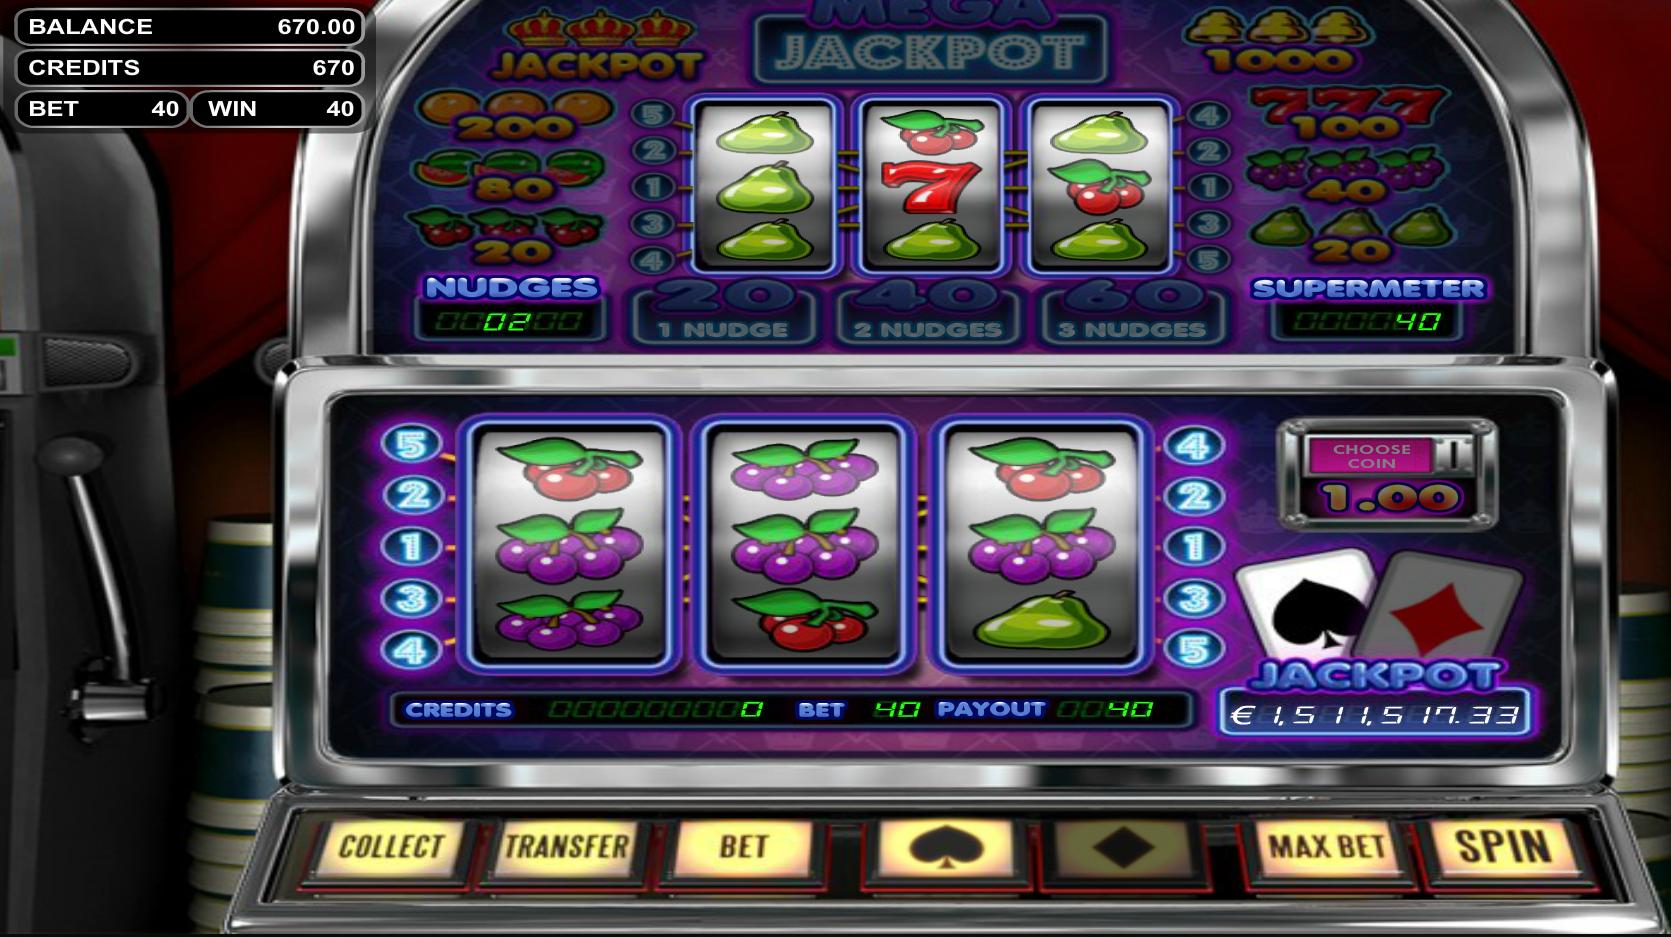 Игровые автоматы бесплатно мега фильм где на корабле играли в карты